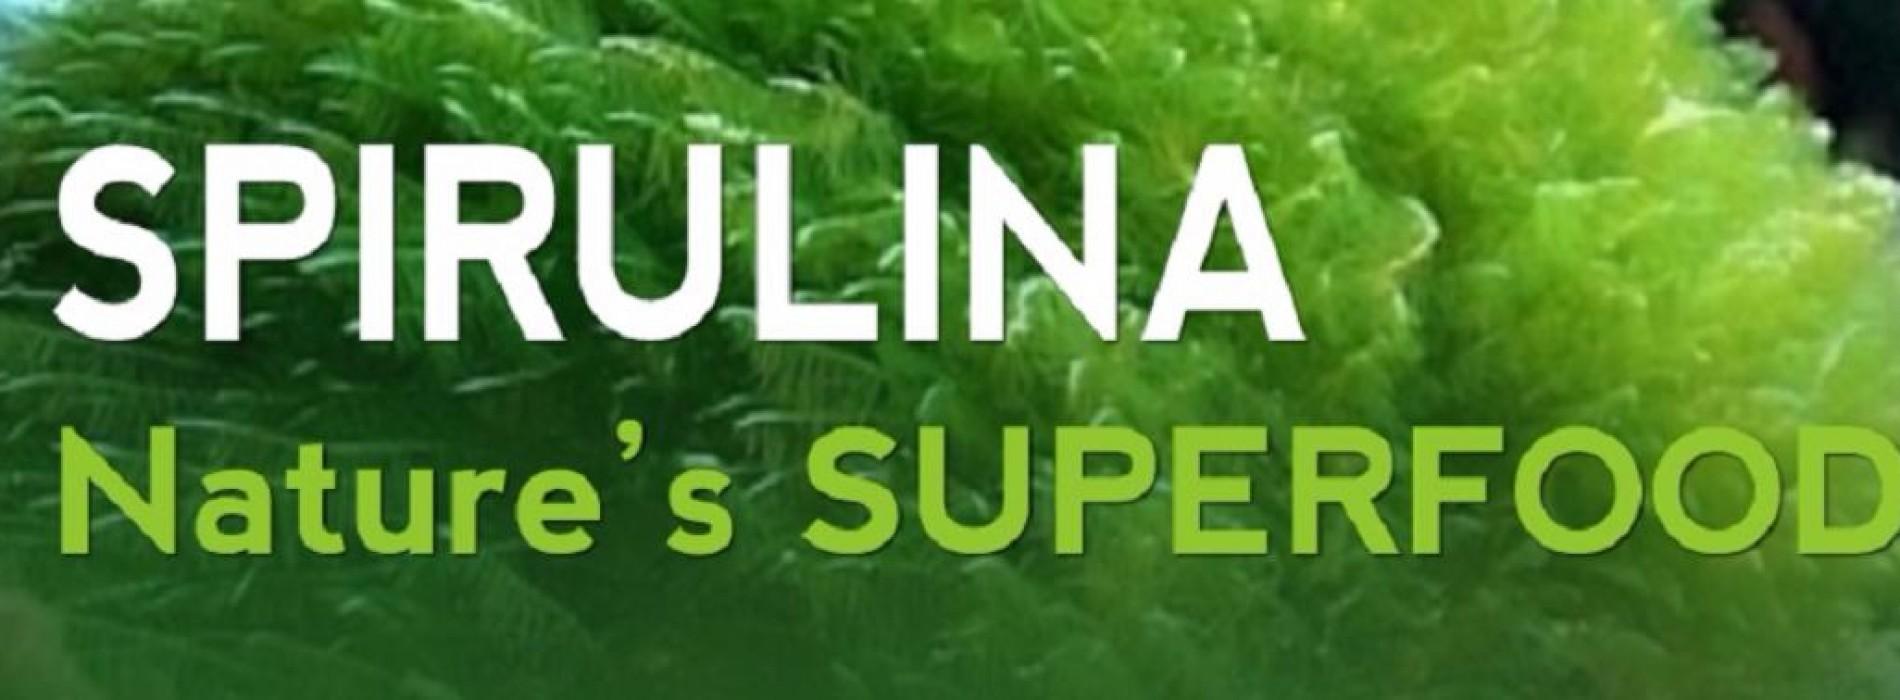 7 bewezen gezondheidsvoordelen van Spirulina